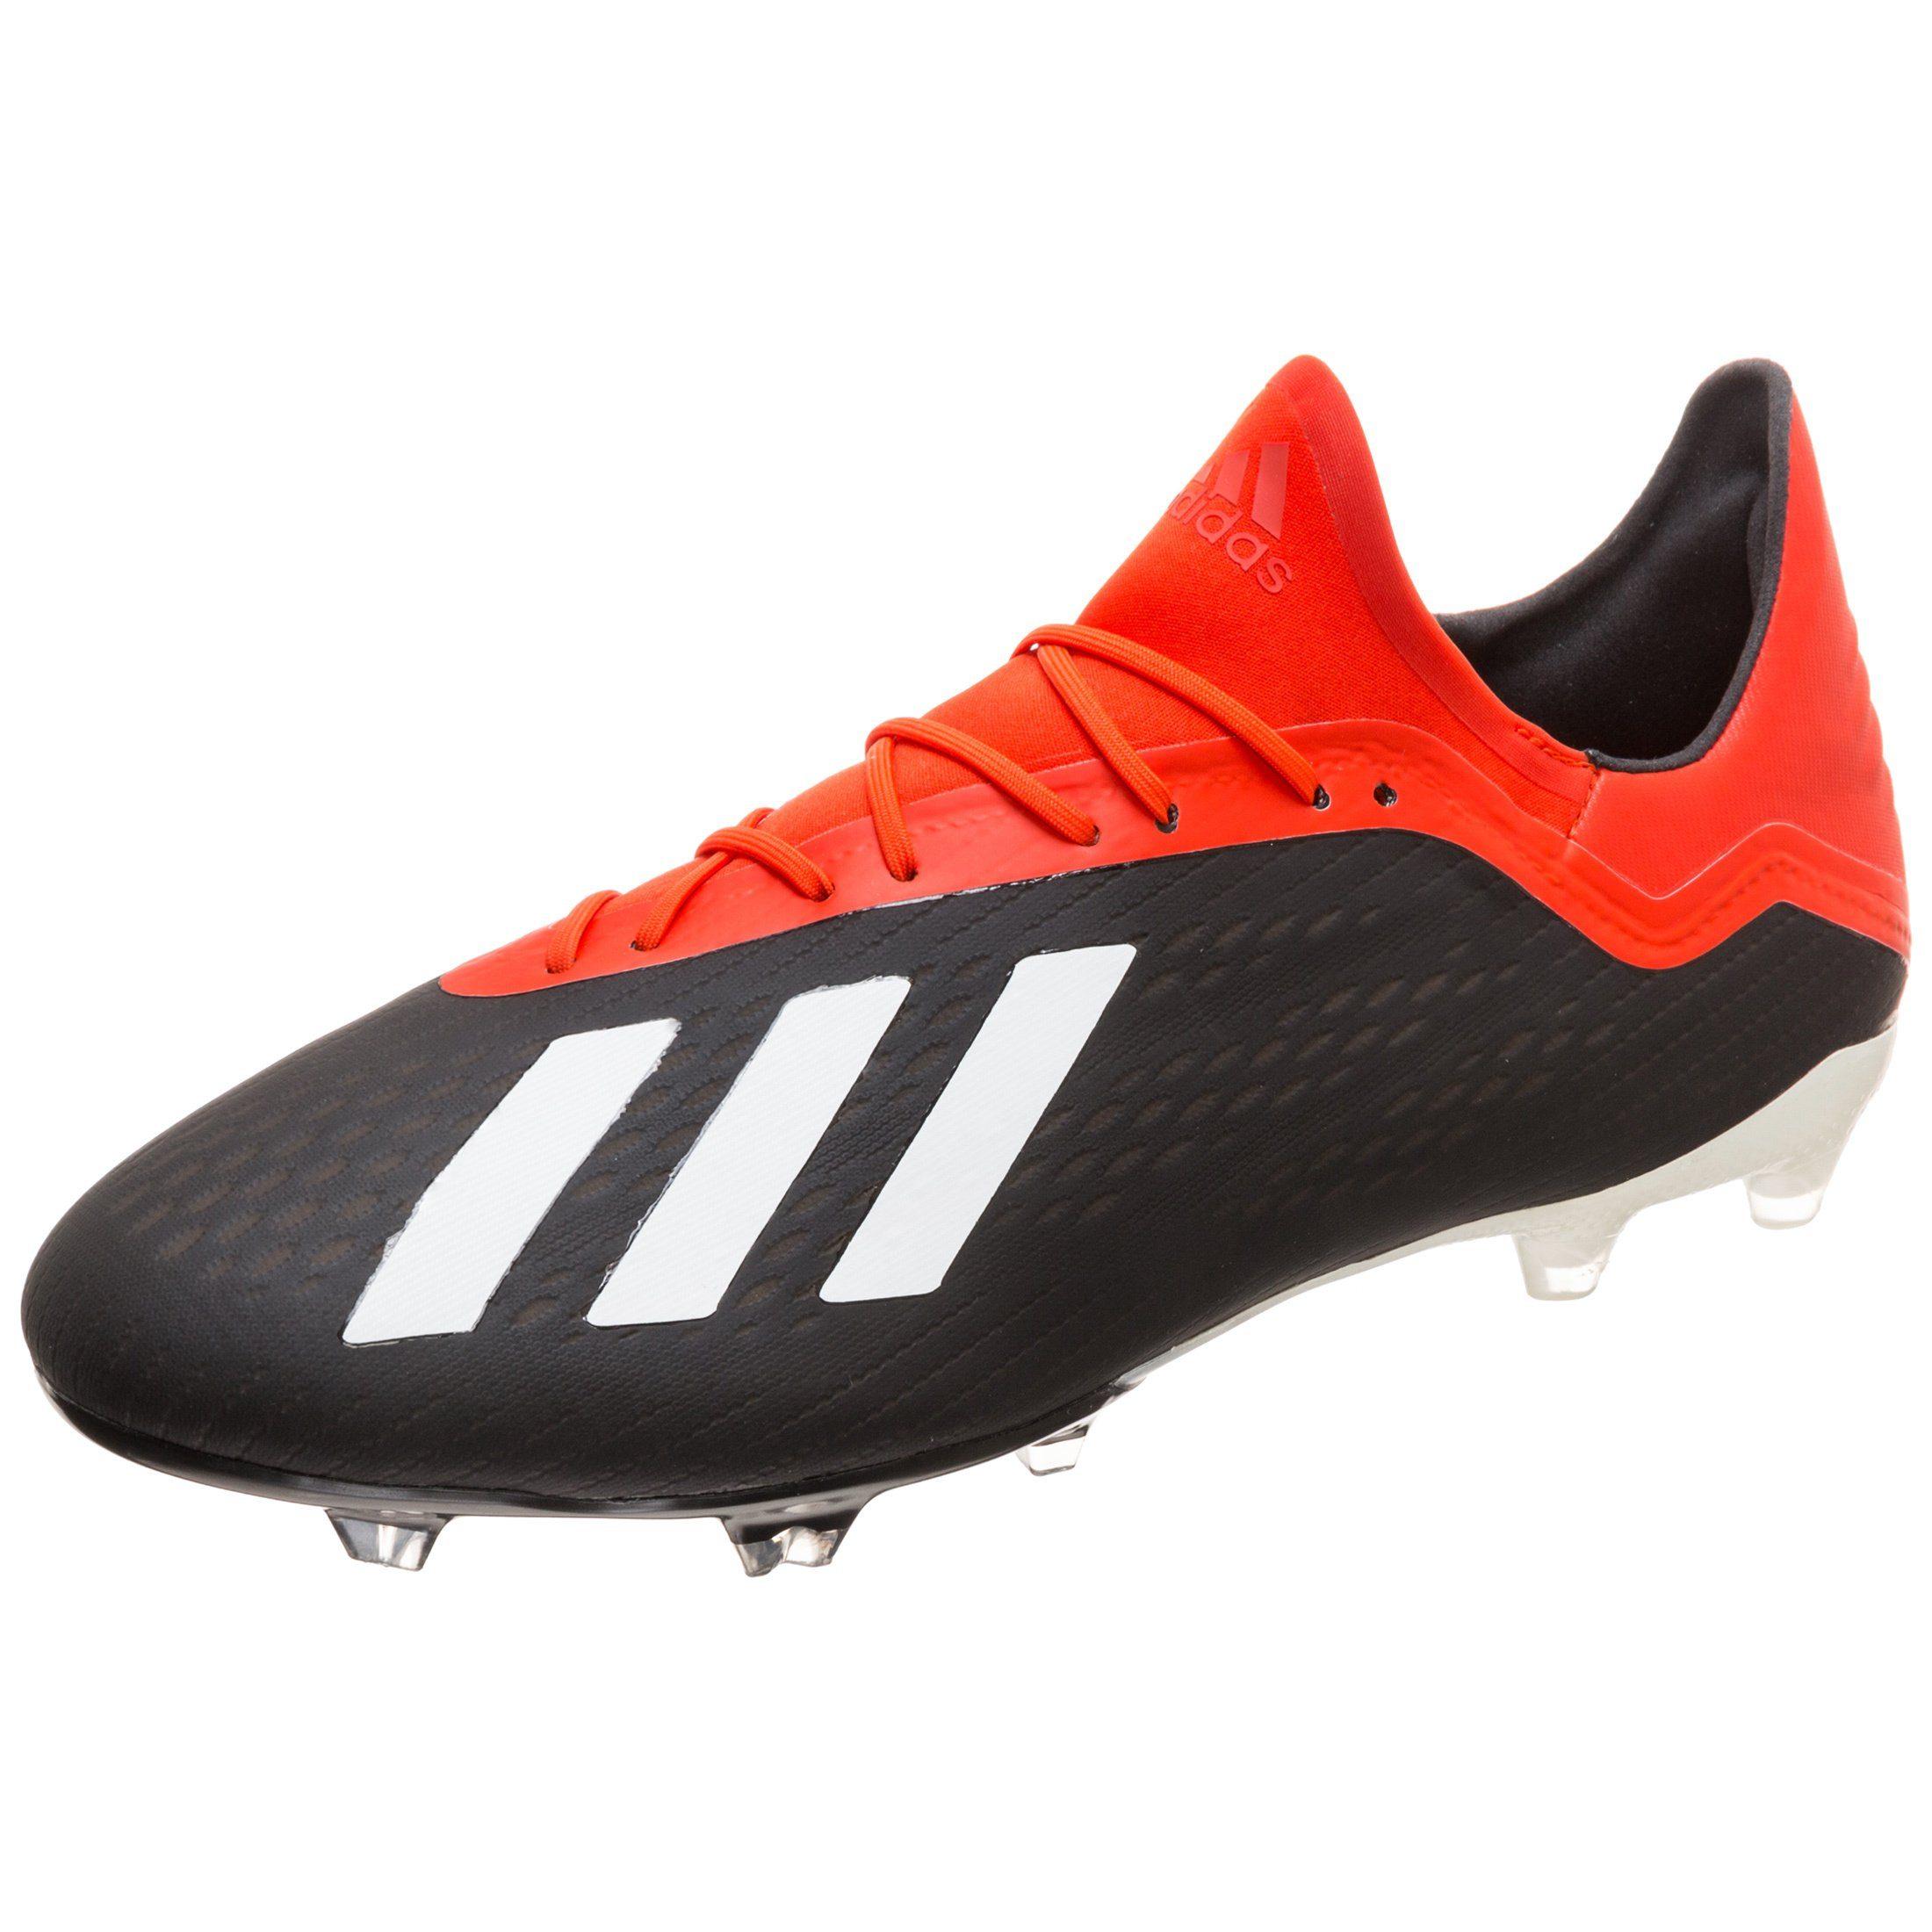 Adidas Herren X 18.2 FG Fußballschuh schwarz rot weiß